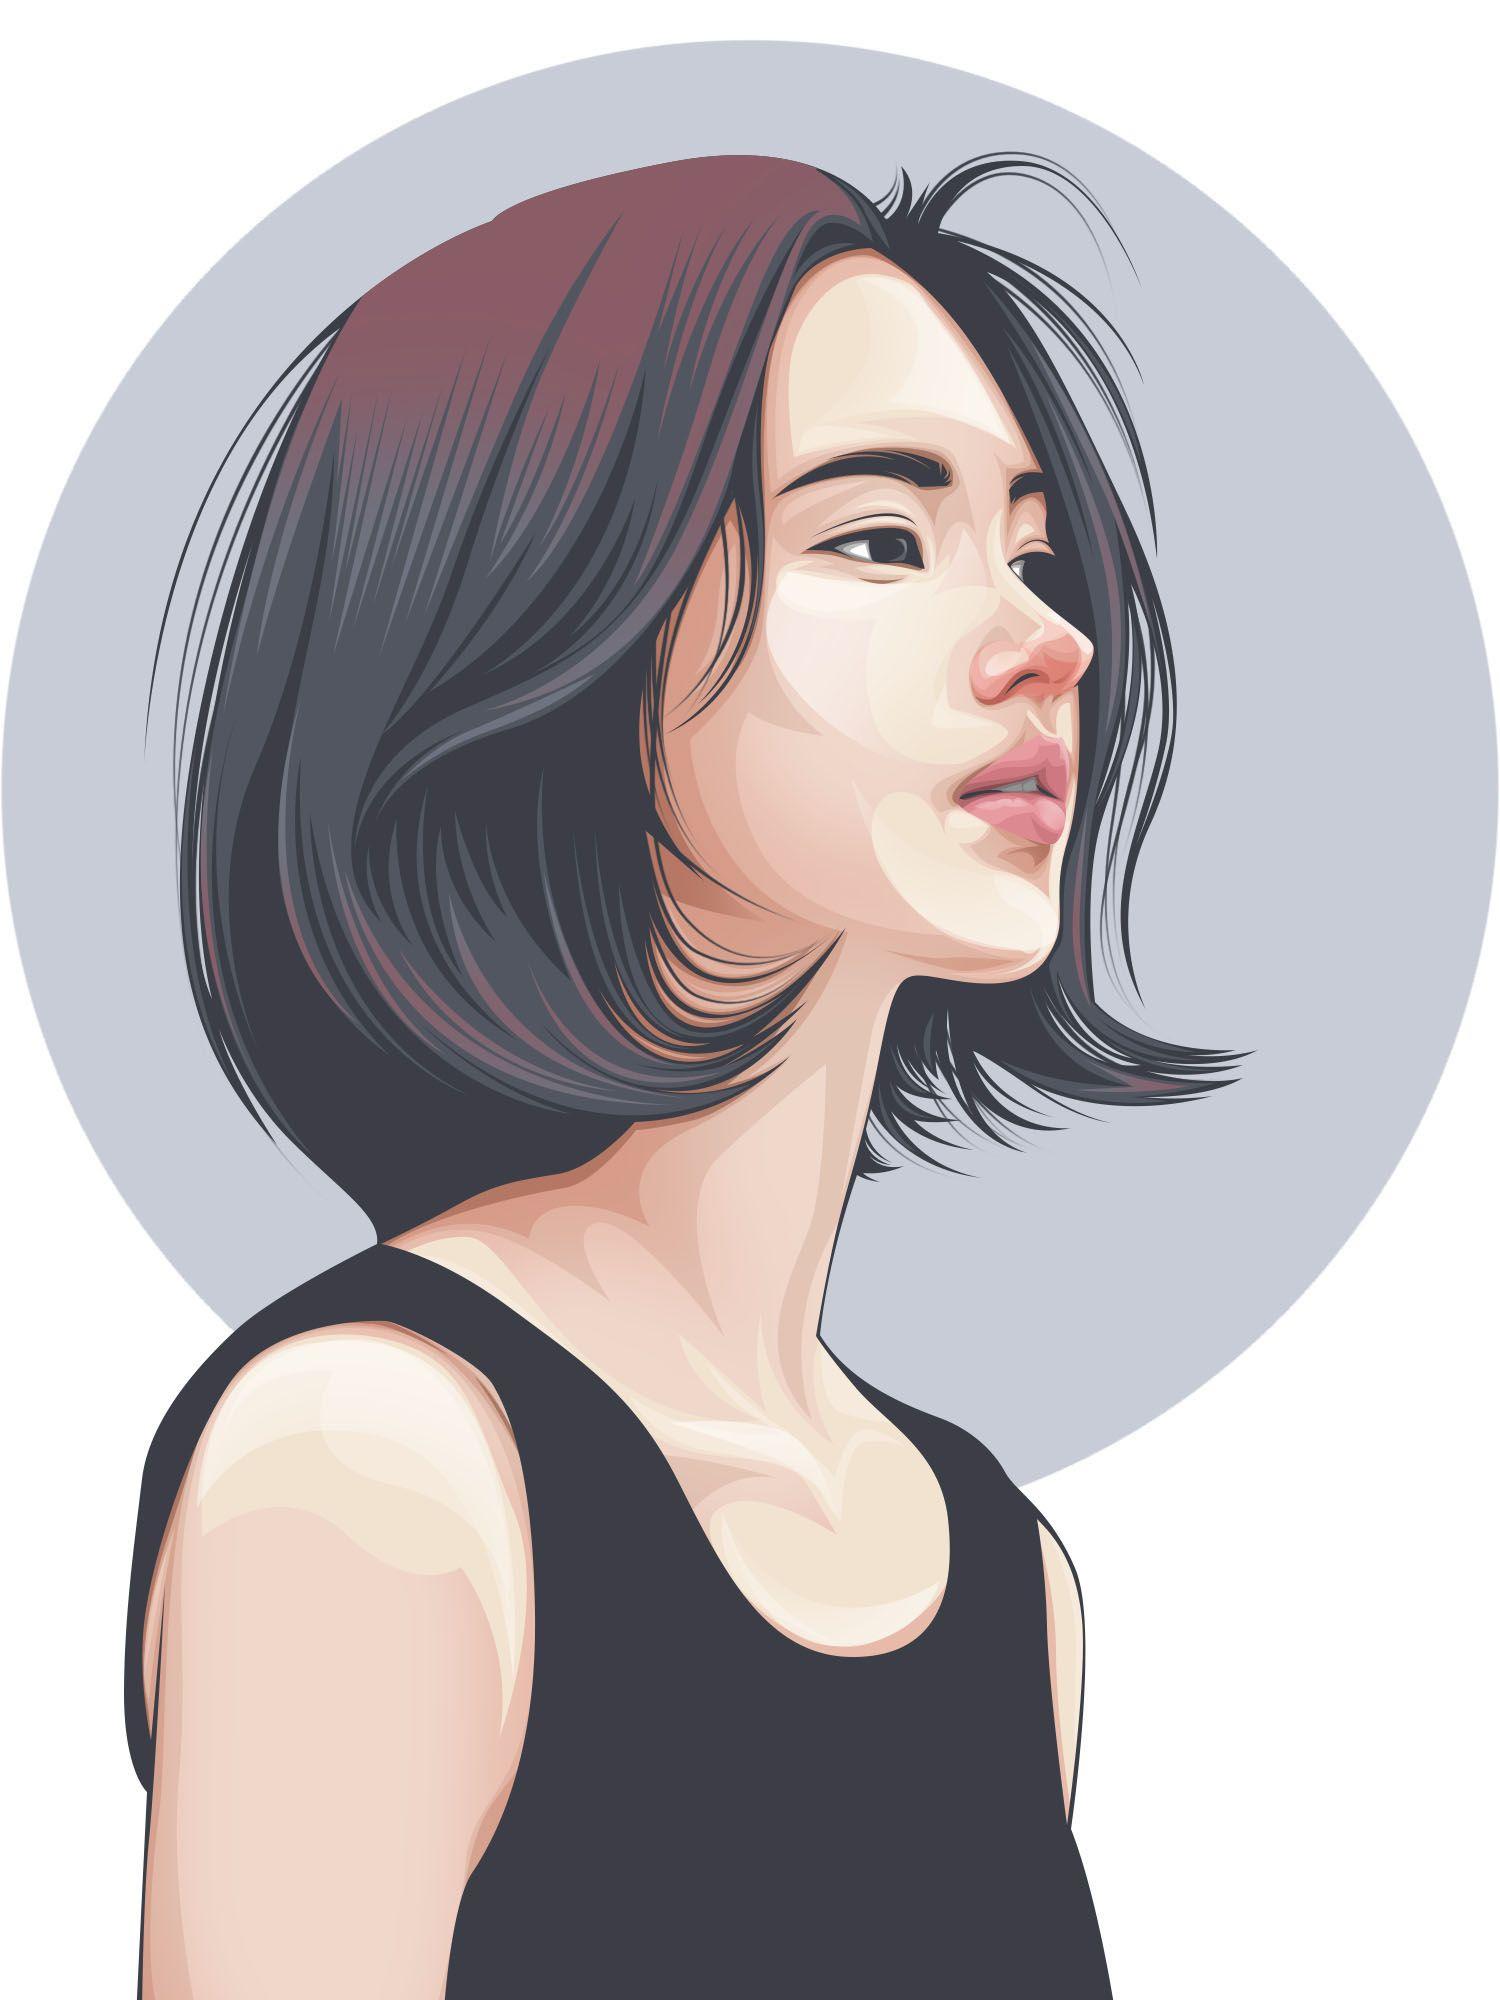 Beauty Girl FanArt by Rizky Fadillah Gambar, Lukisan